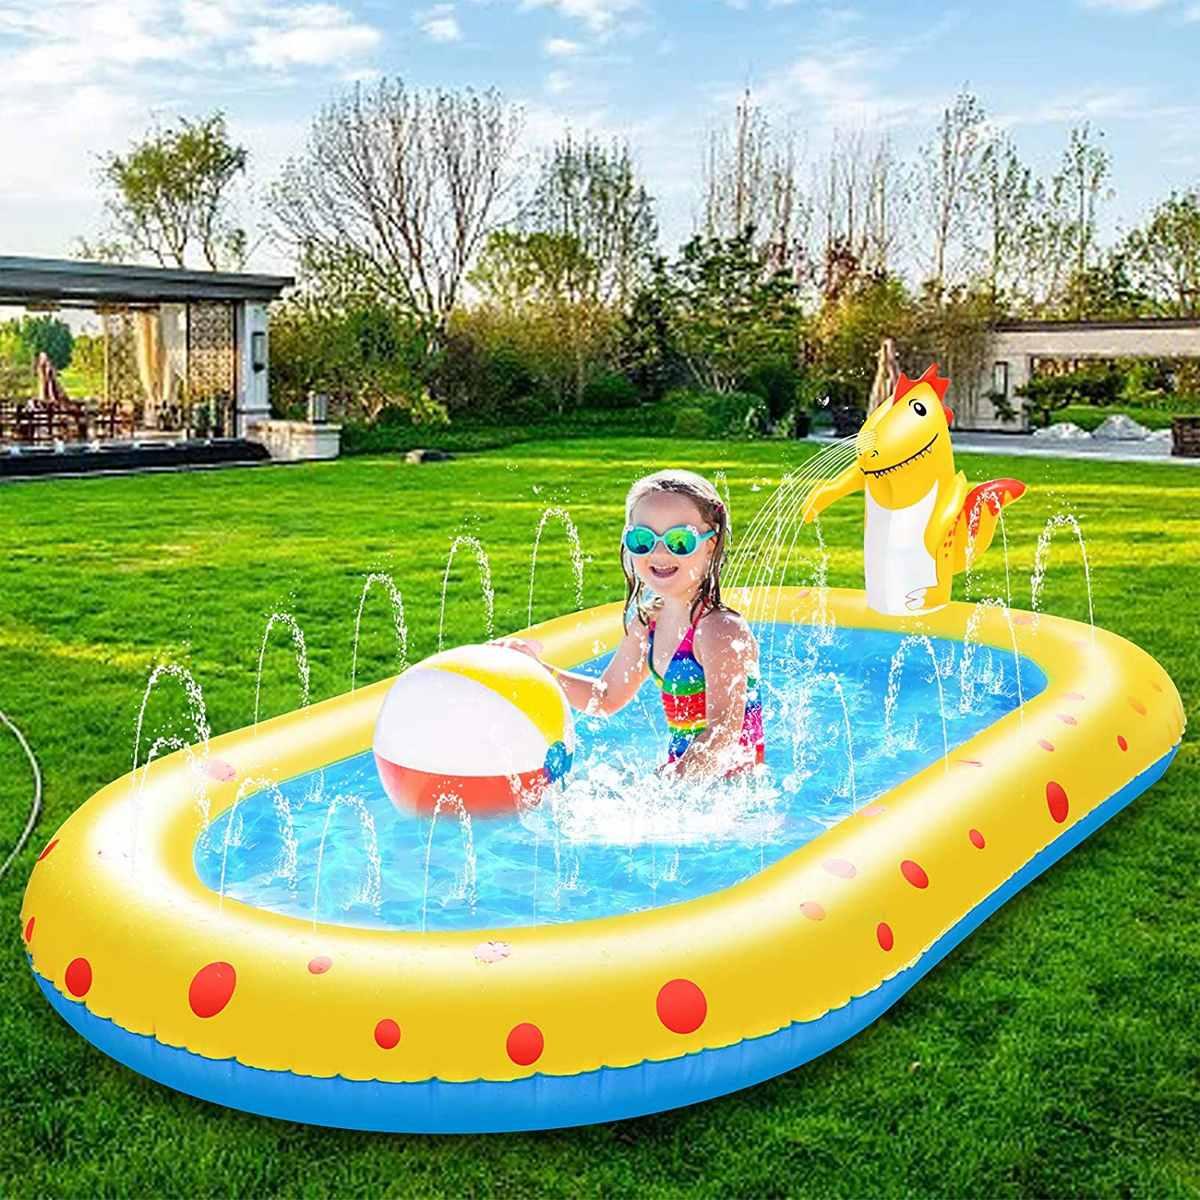 حمام سباحة دفقة قابل للنفخ من مادة البولي فينيل كلوريد للأطفال لعبة صيفية لحفلة السباحة في الهواء الطلق في الحديقة الشاطئية 170X110CM